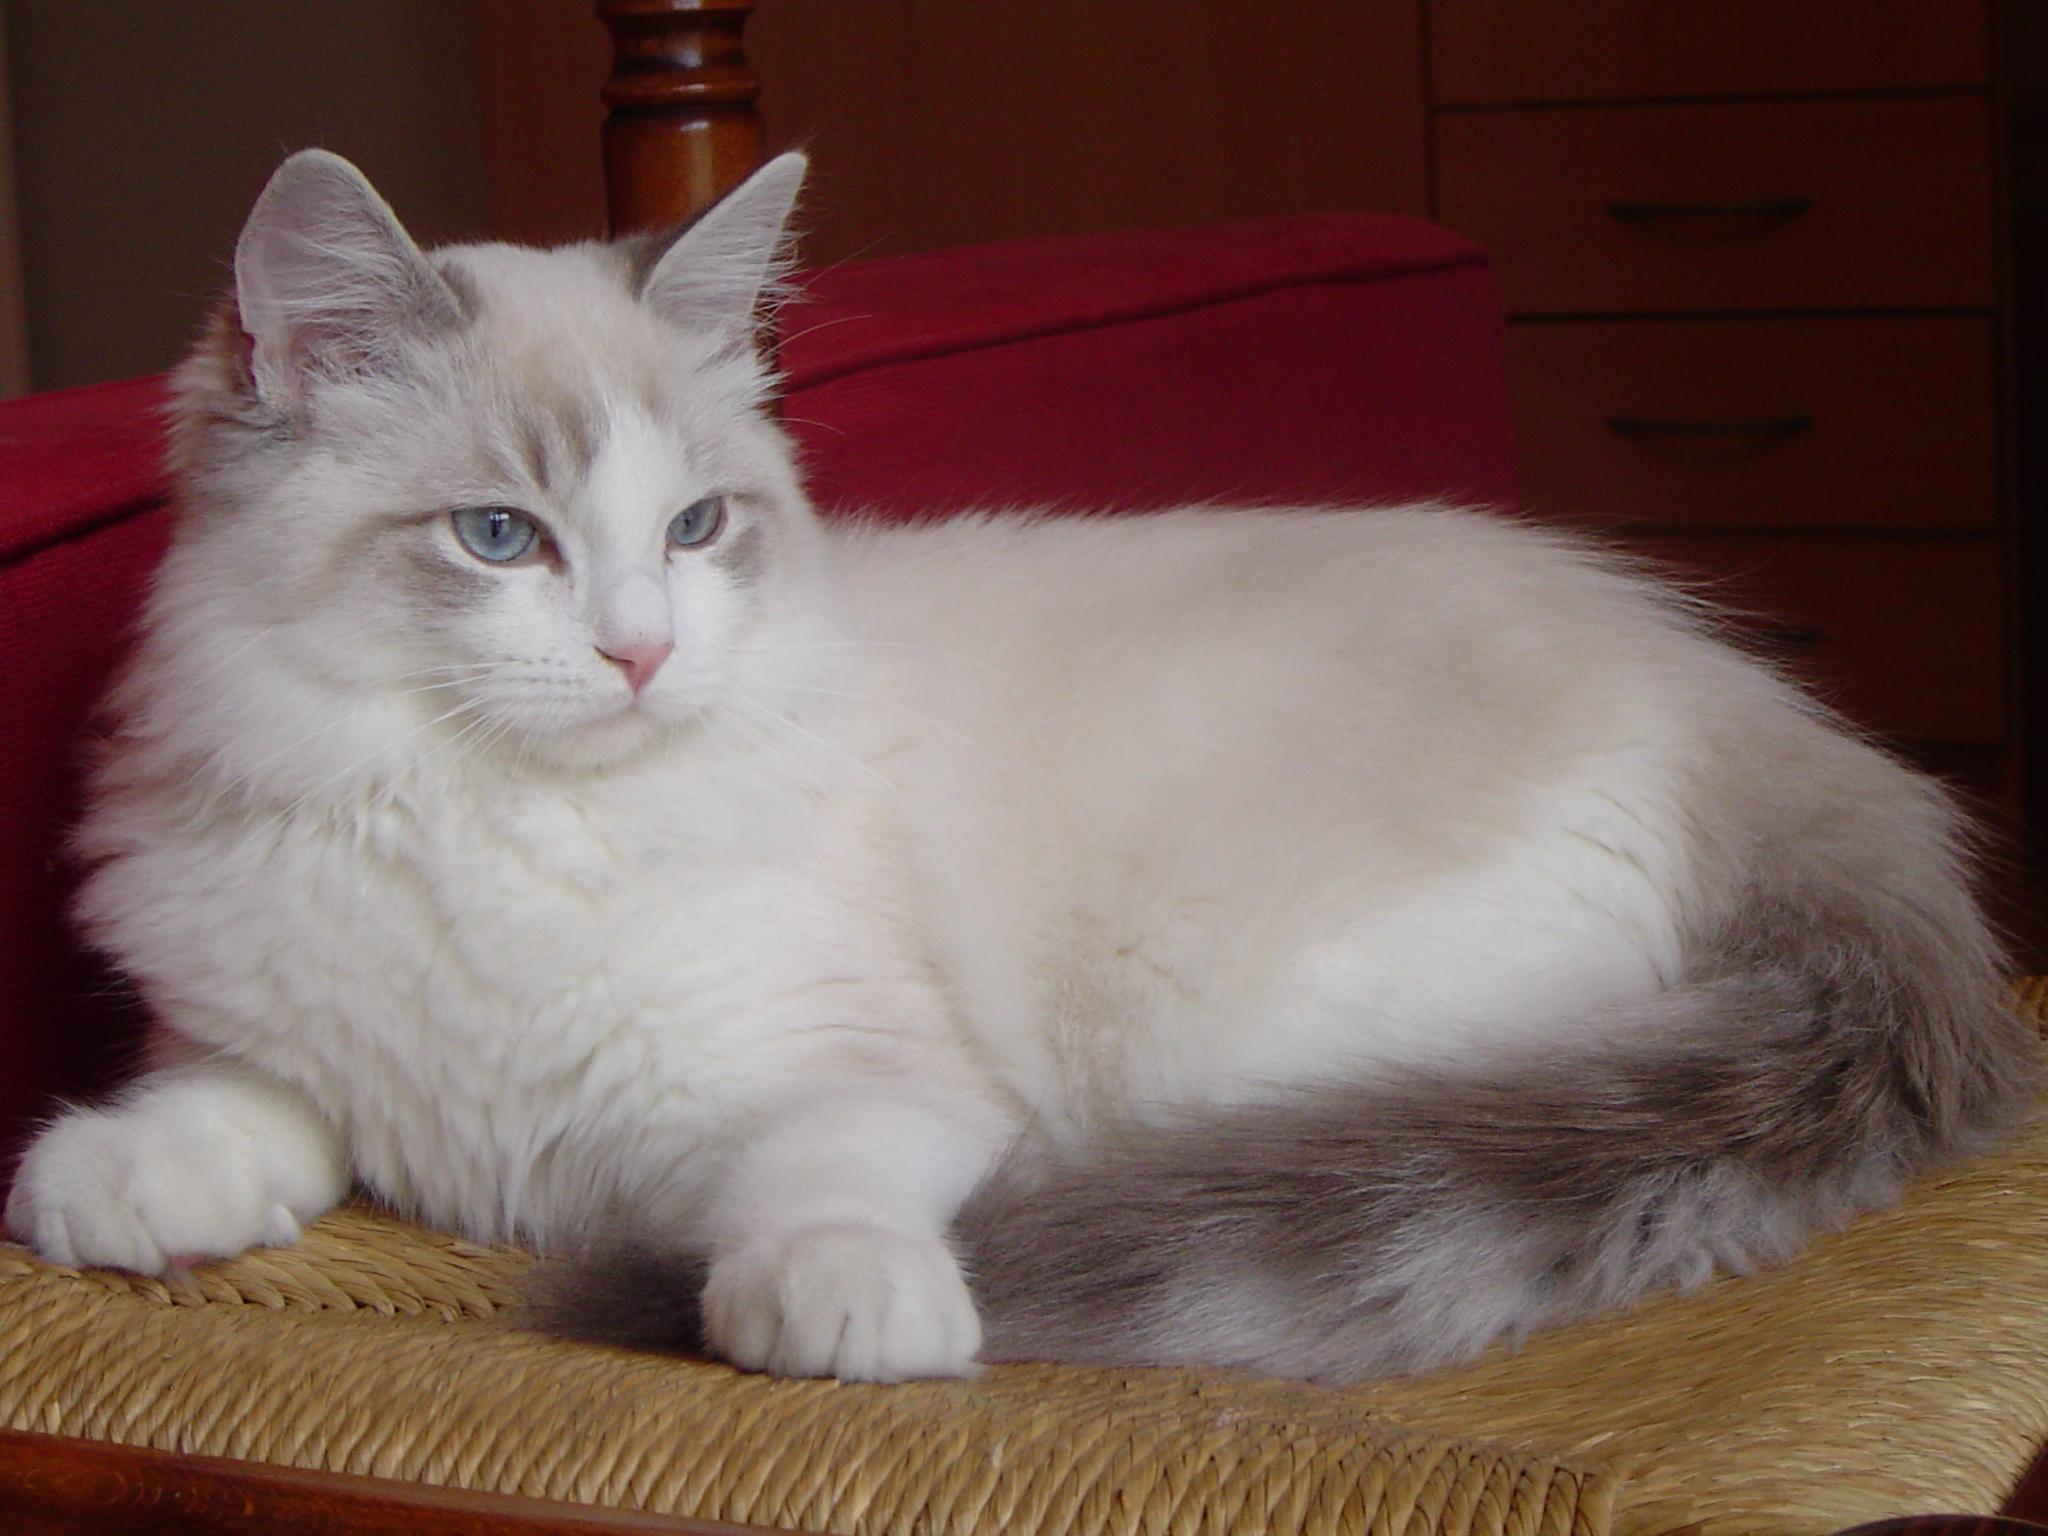 chat british adulte a vendre bâle